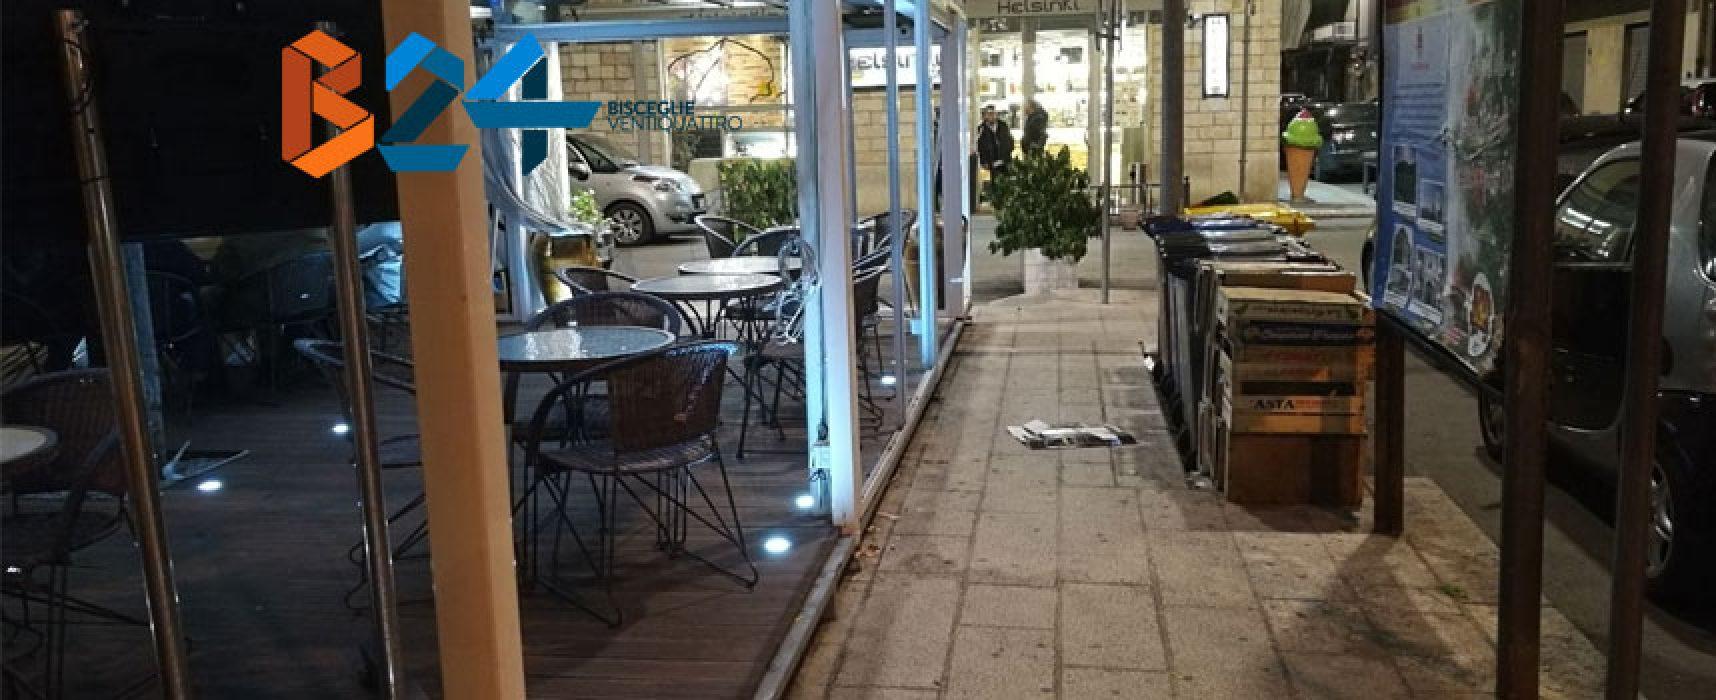 Il Consiglio di Stato respinge definitivamente ricorso di Bar Helsinki